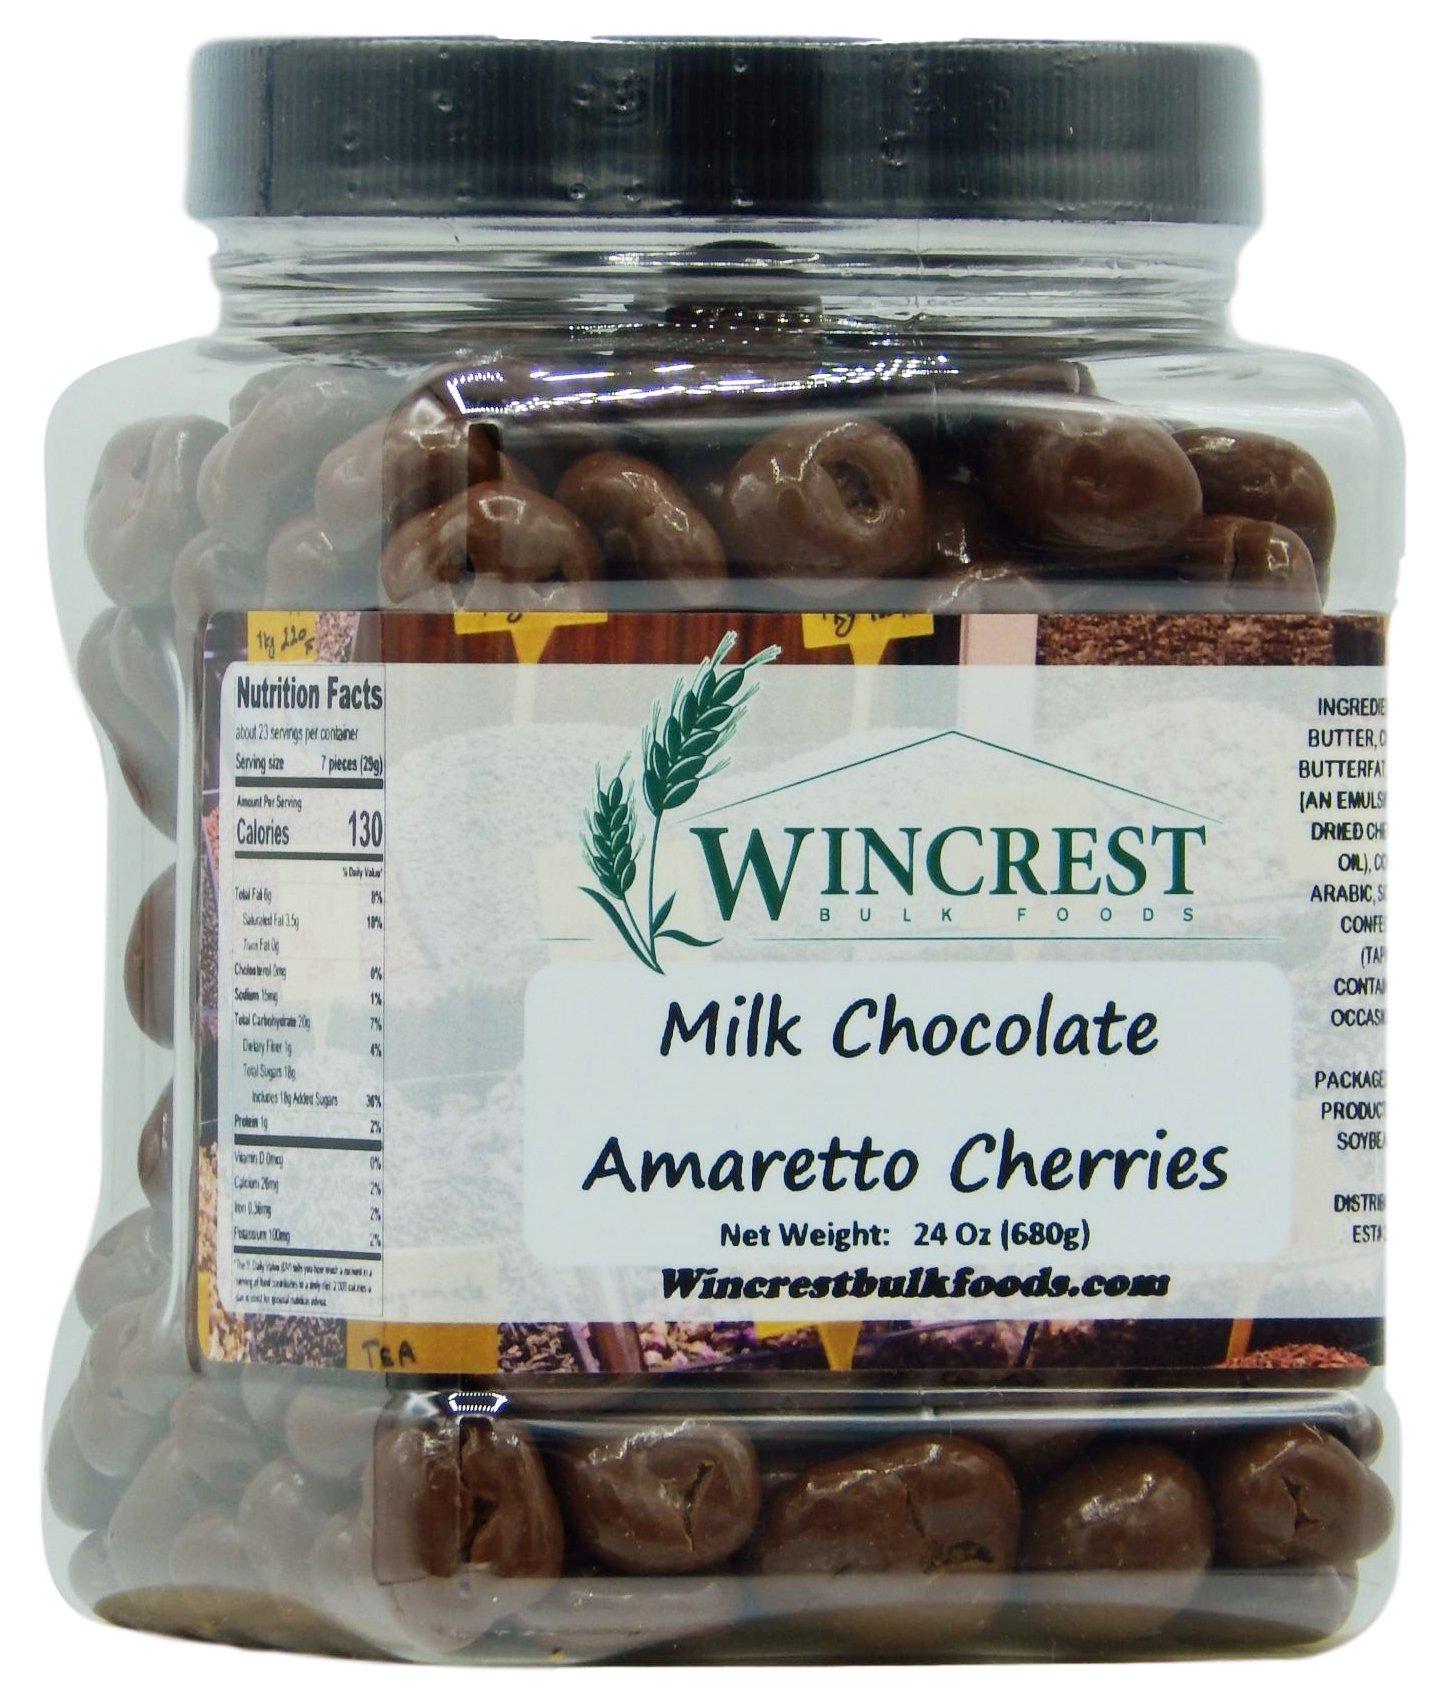 Milk Chocolate Amaretto Cherries - 1.5 Lb